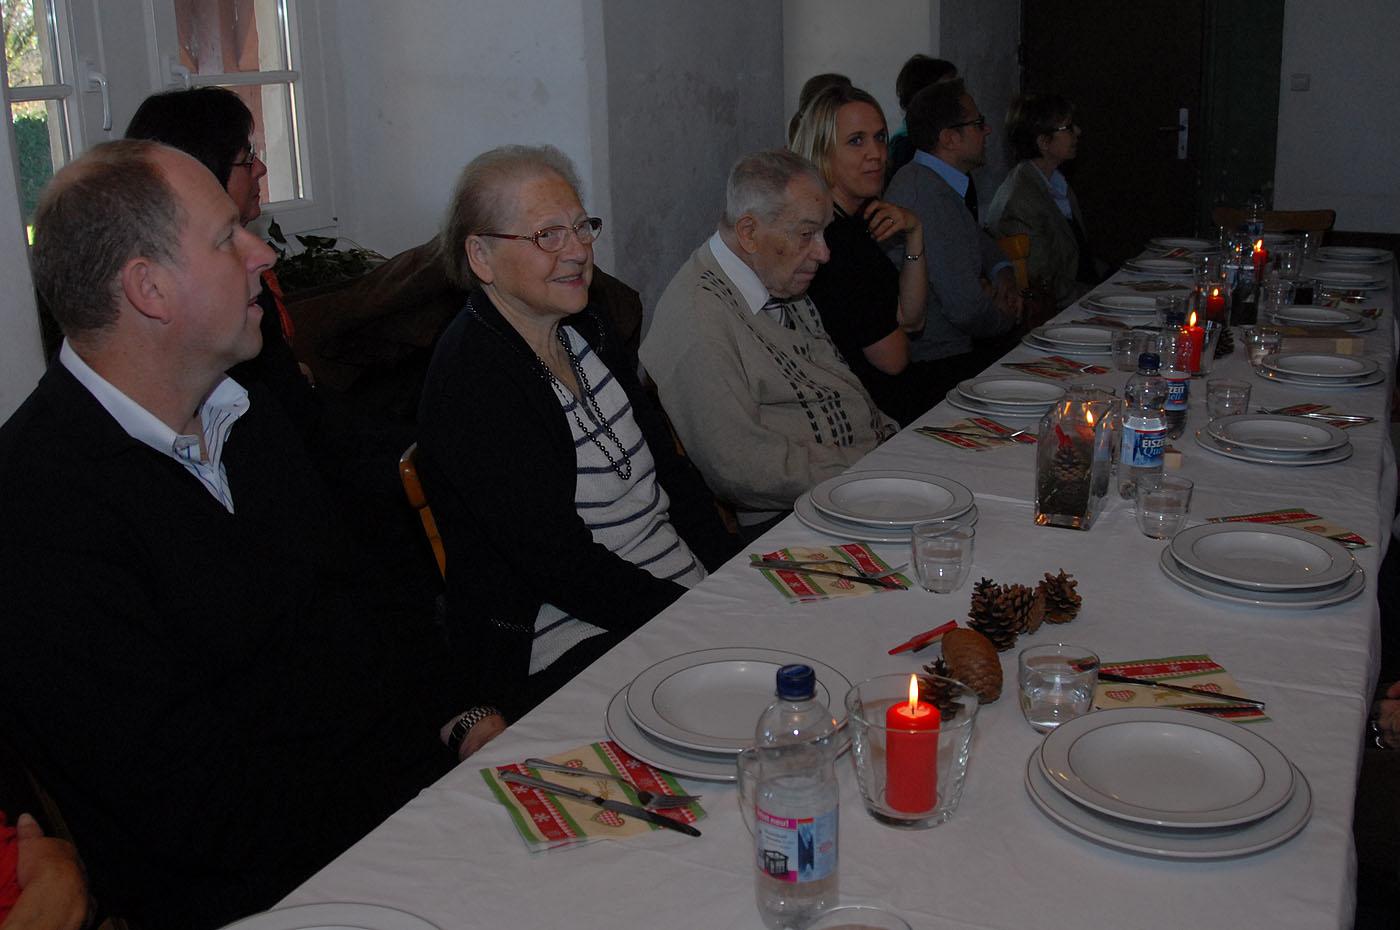 Familientag_23.11.14-Einsiedel_Foto bräu_106